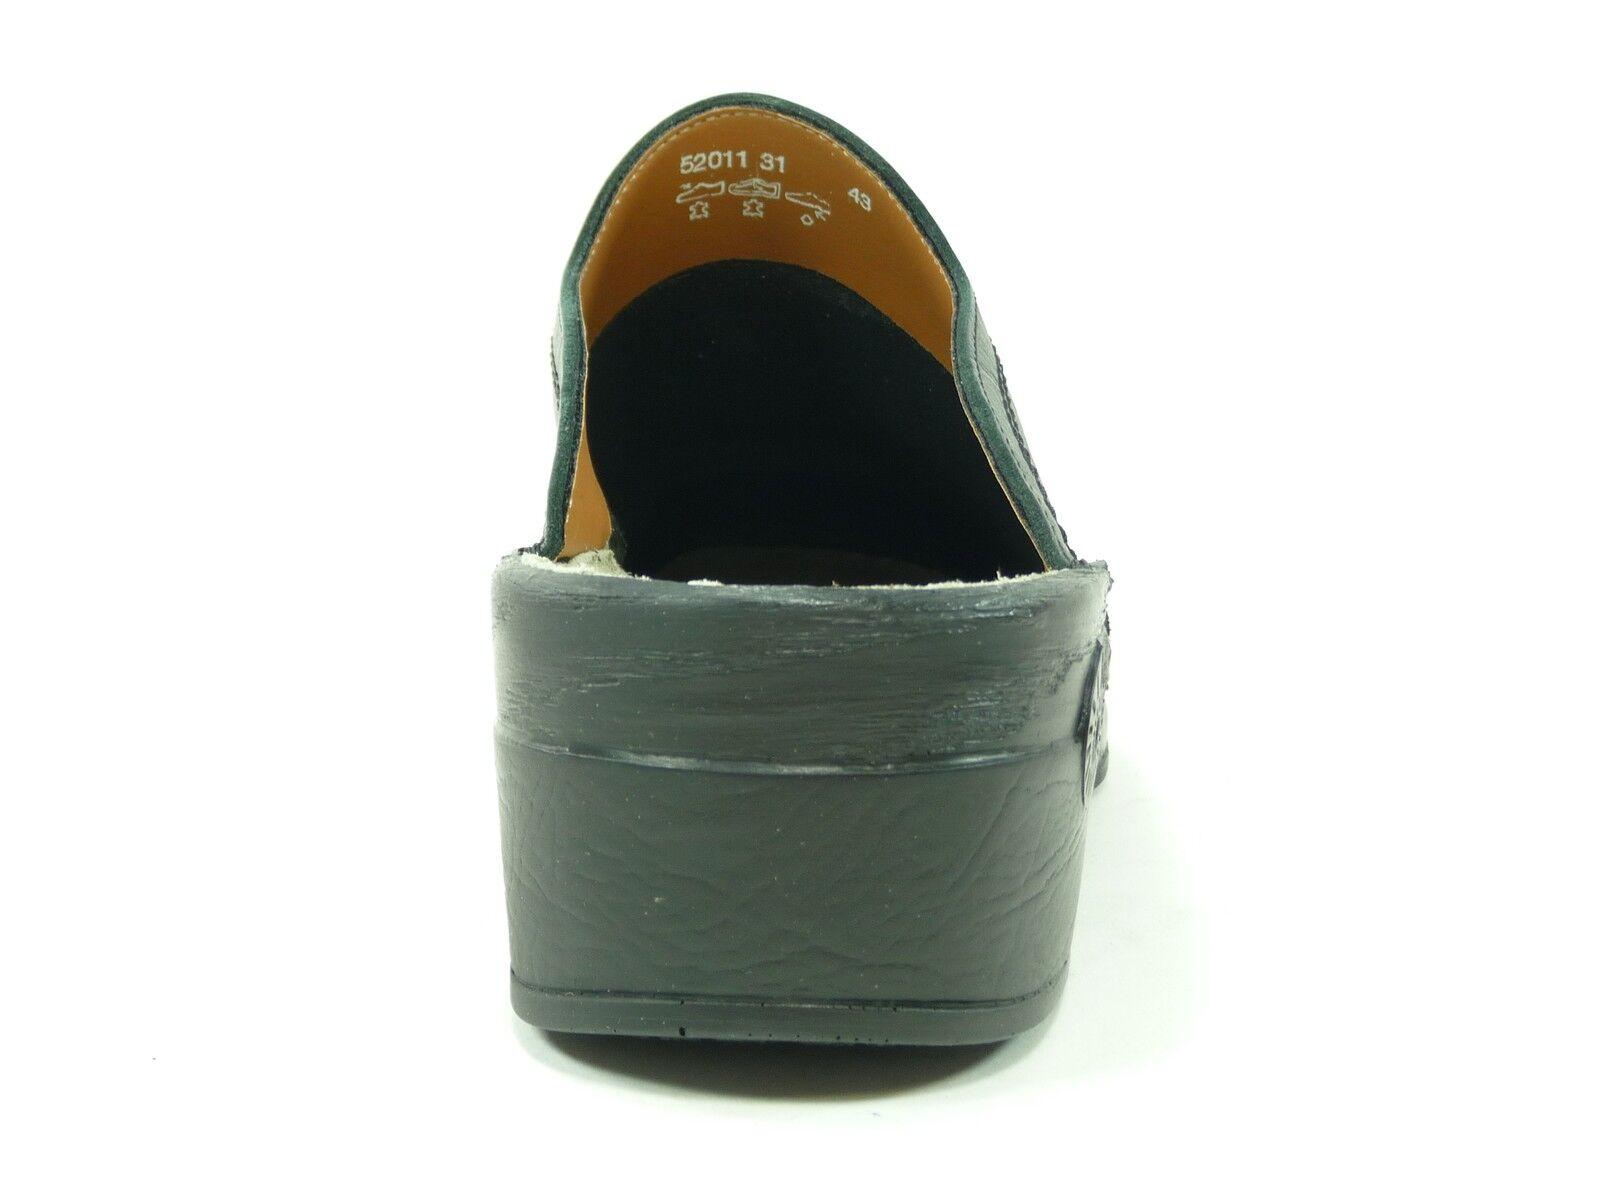 HELIX Schuhe Herrenschuhe div. Pantoletten Clogs, Schwarz, div. Herrenschuhe Größen, 52011-31 52a1cb